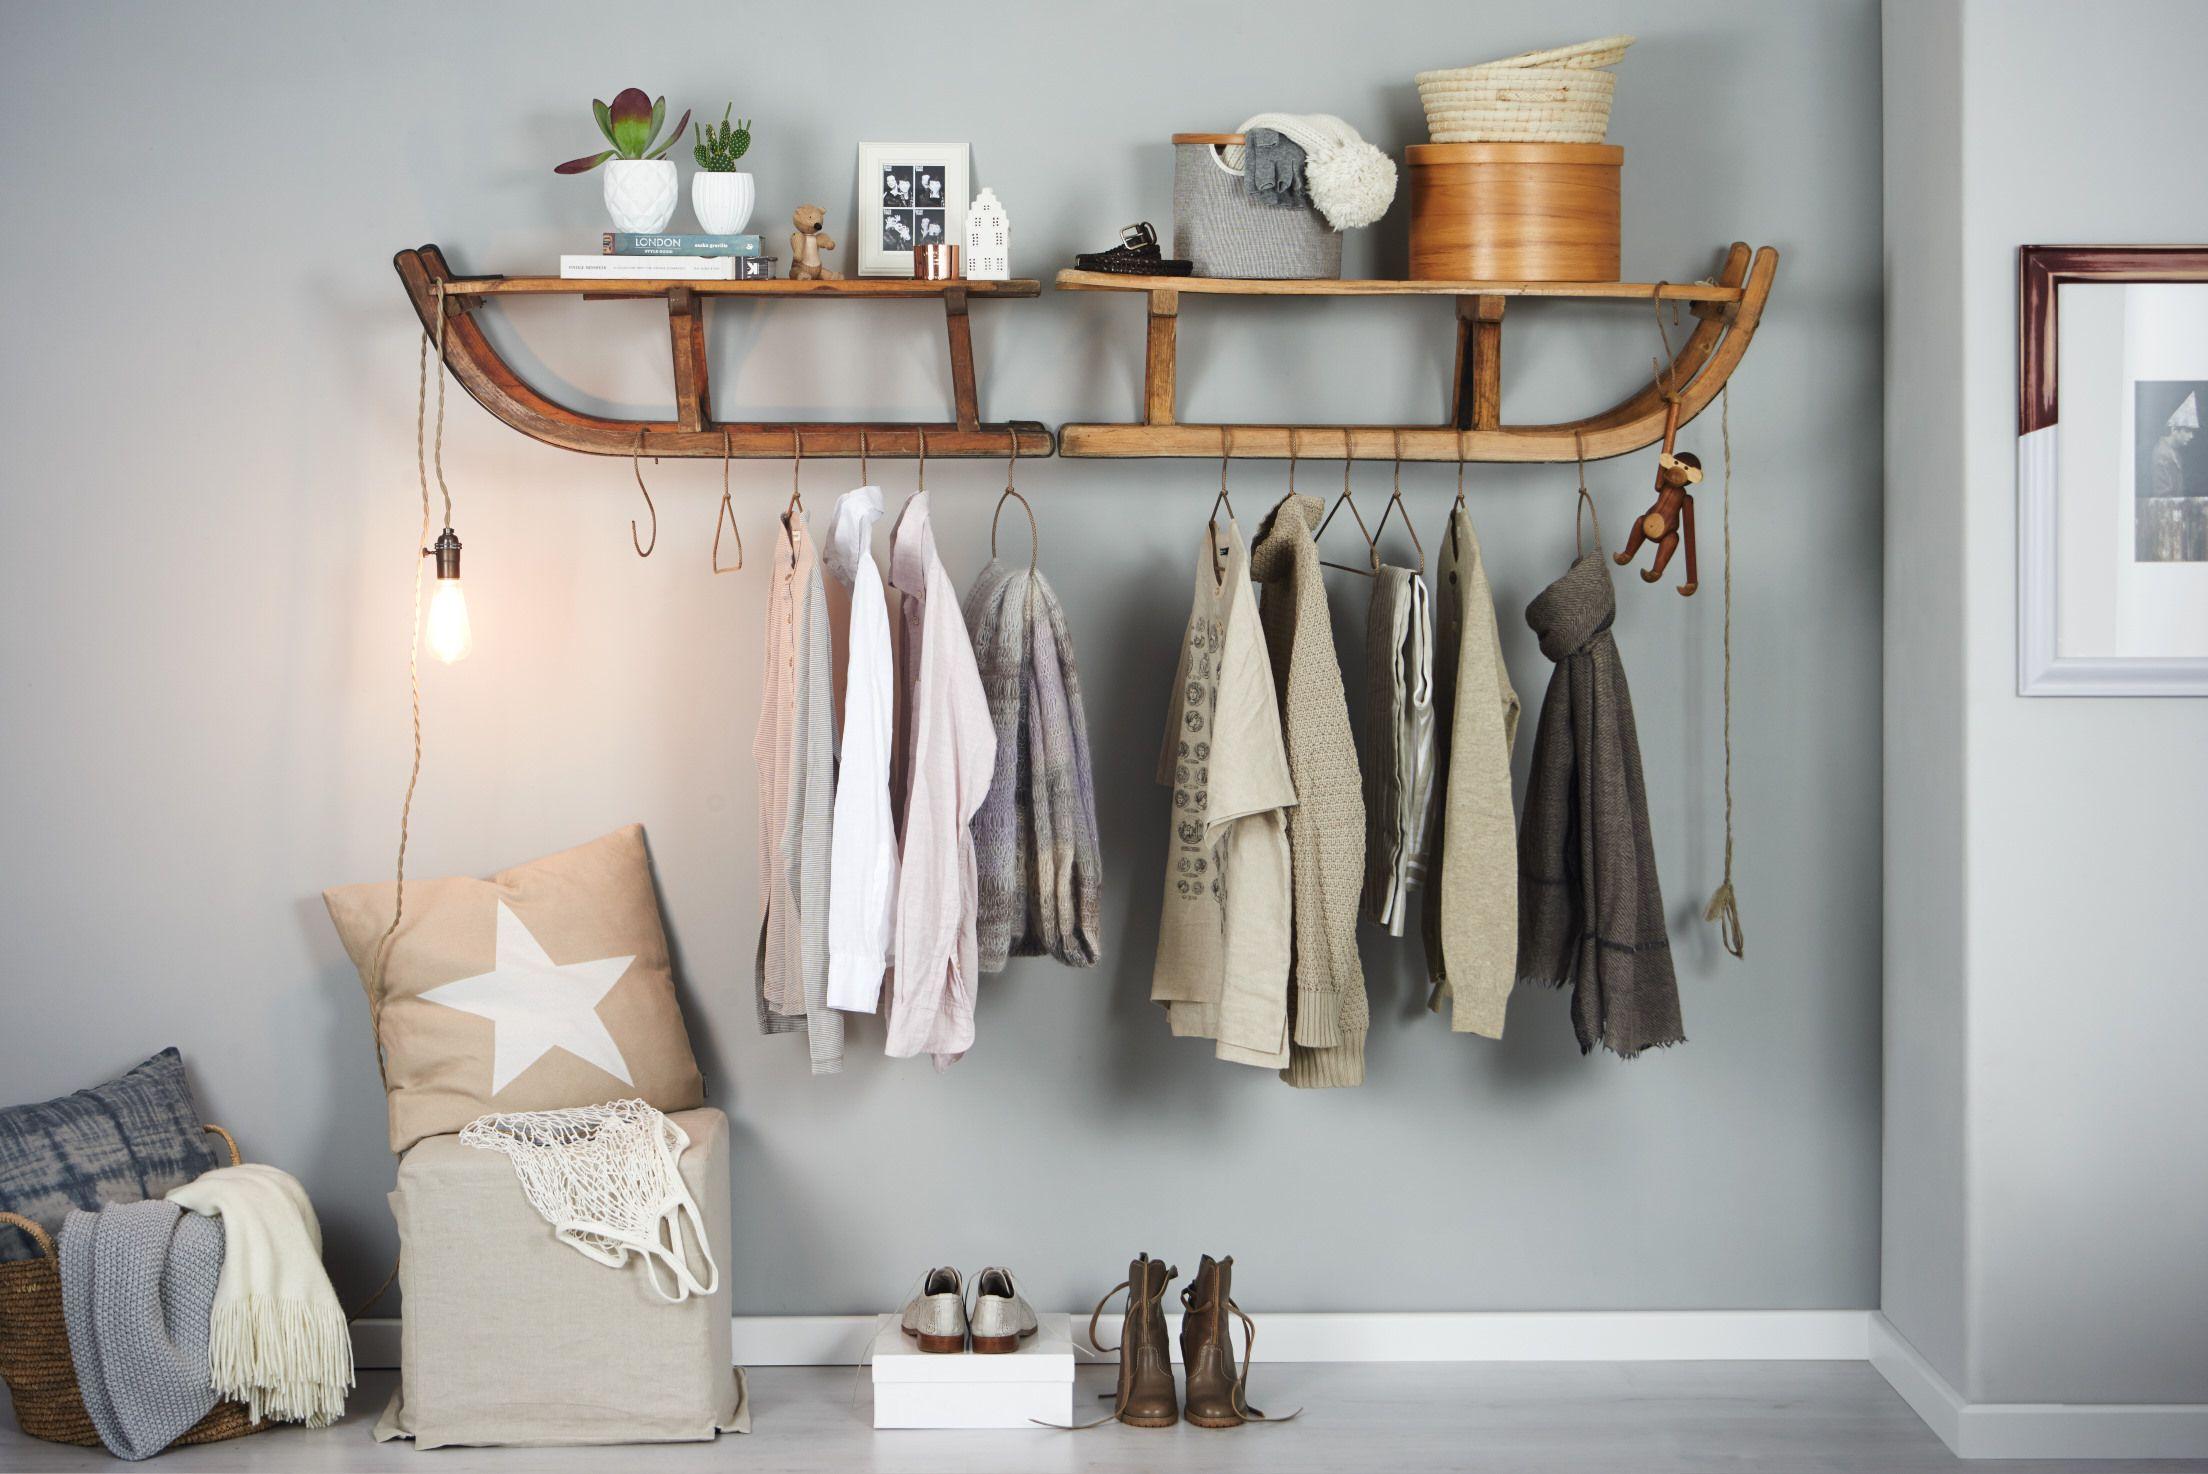 Schlitten garderobe selbst bauen do it yourself projekt diy schlitten garderobe selbst bauen do it yourself projekt solutioingenieria Image collections